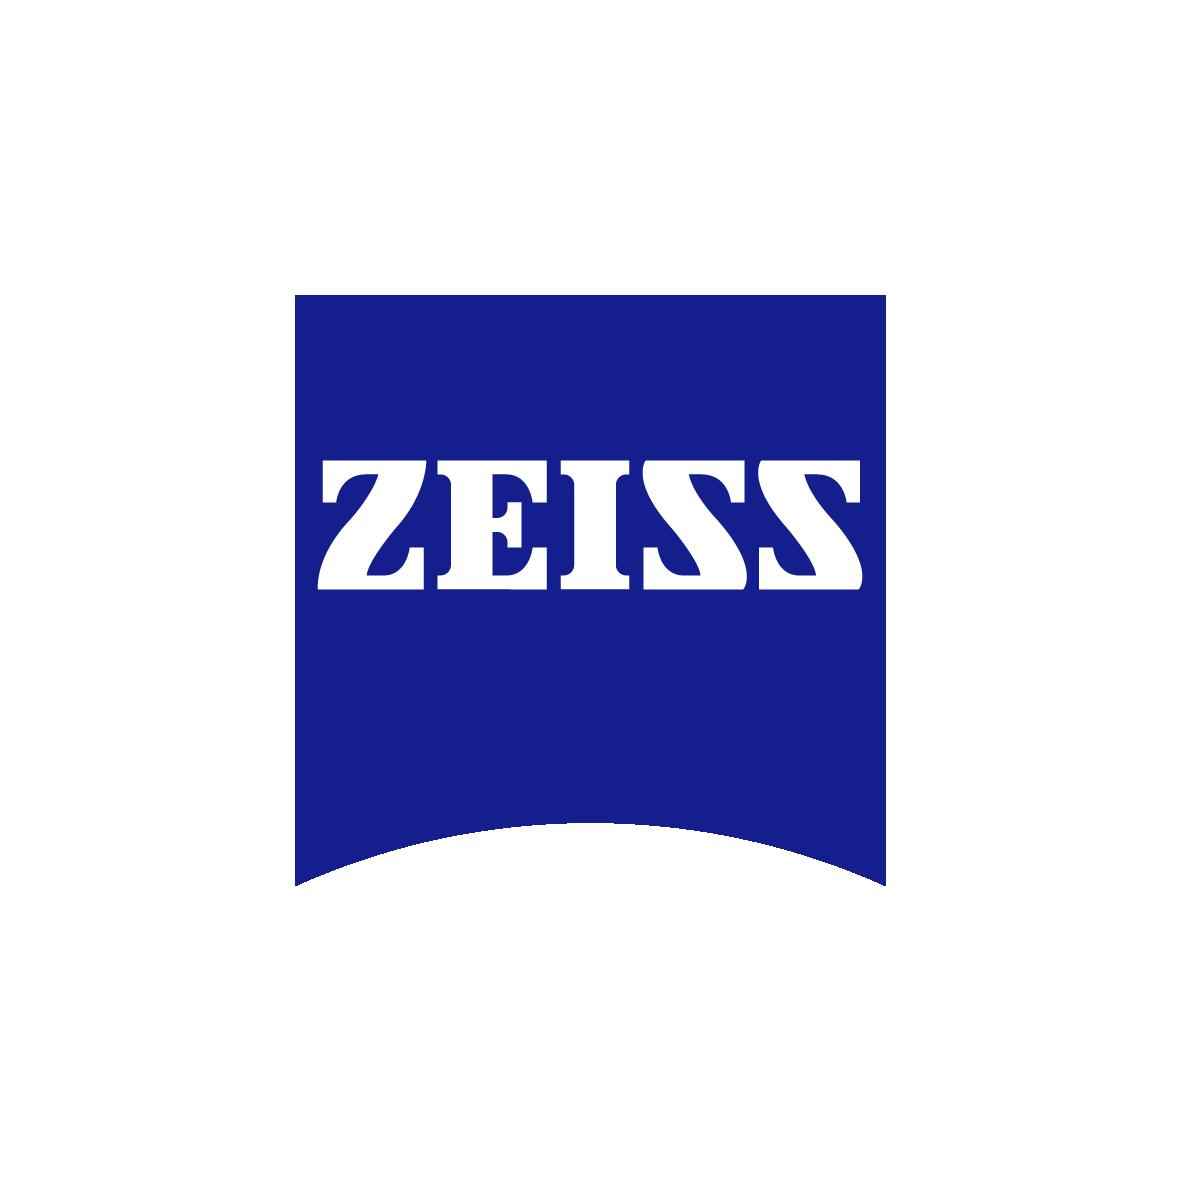 Optiques Thermiques et Jumelles Zeiss chez THS